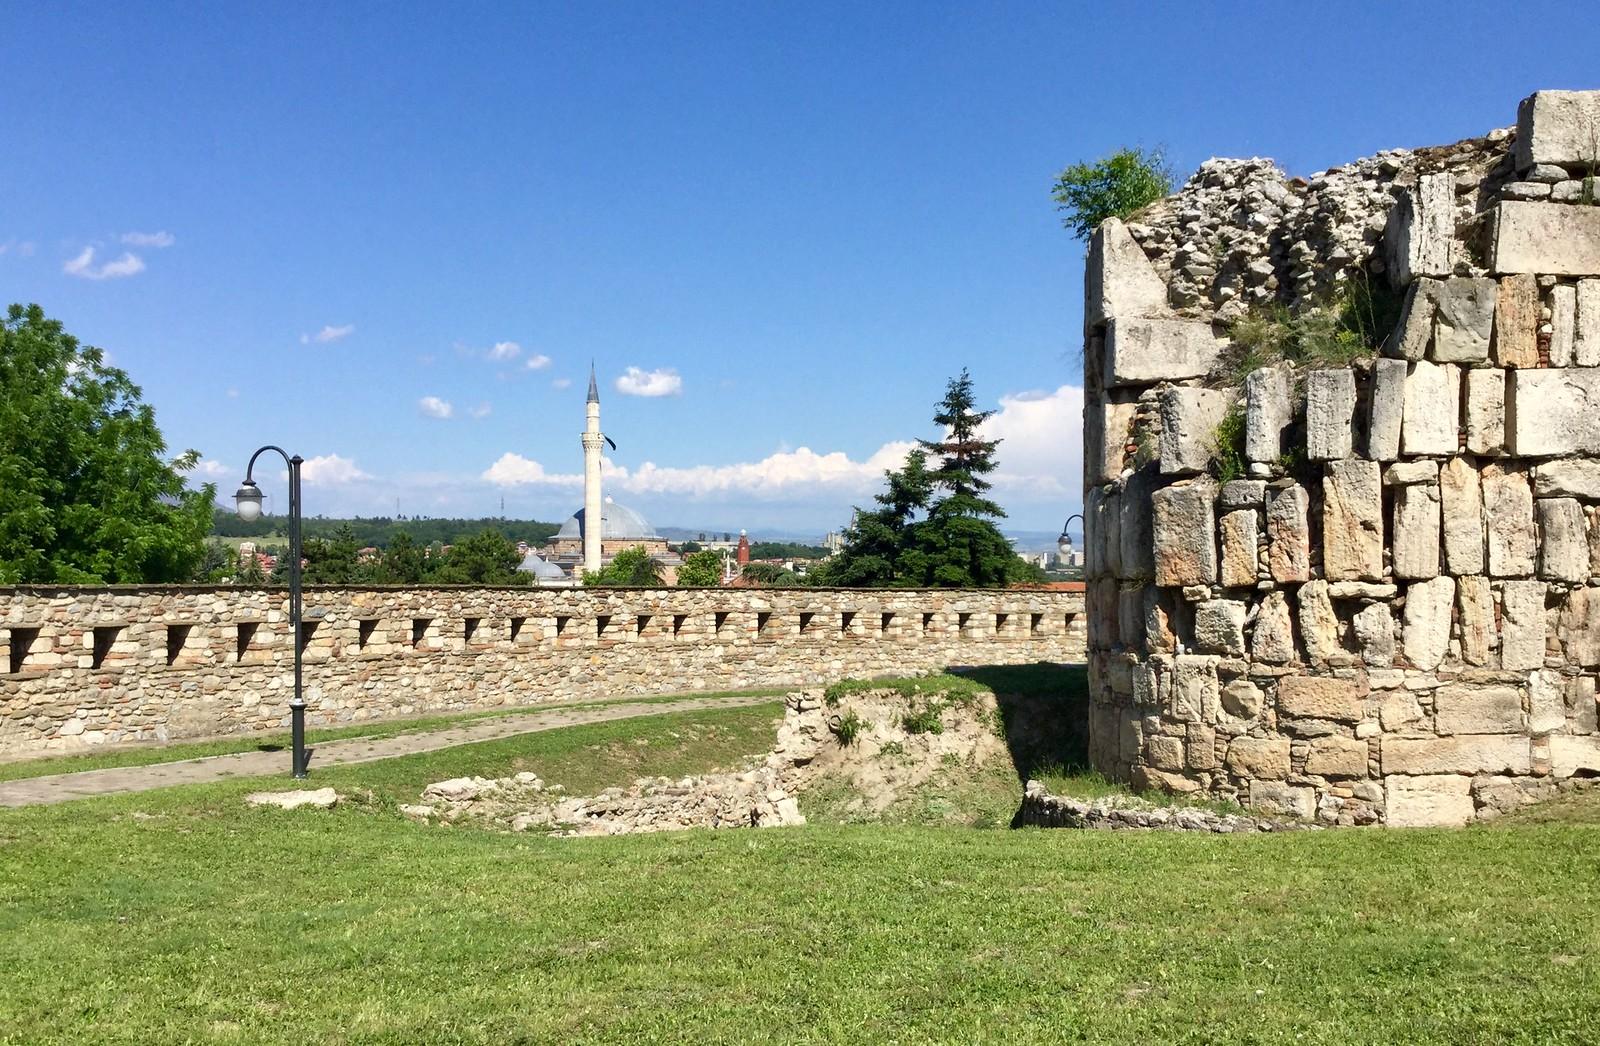 201705 - Balkans - Kale Fortress, Skopje Citadel - 82 of 101 - Skopje - Sopishte, May 29, 2017